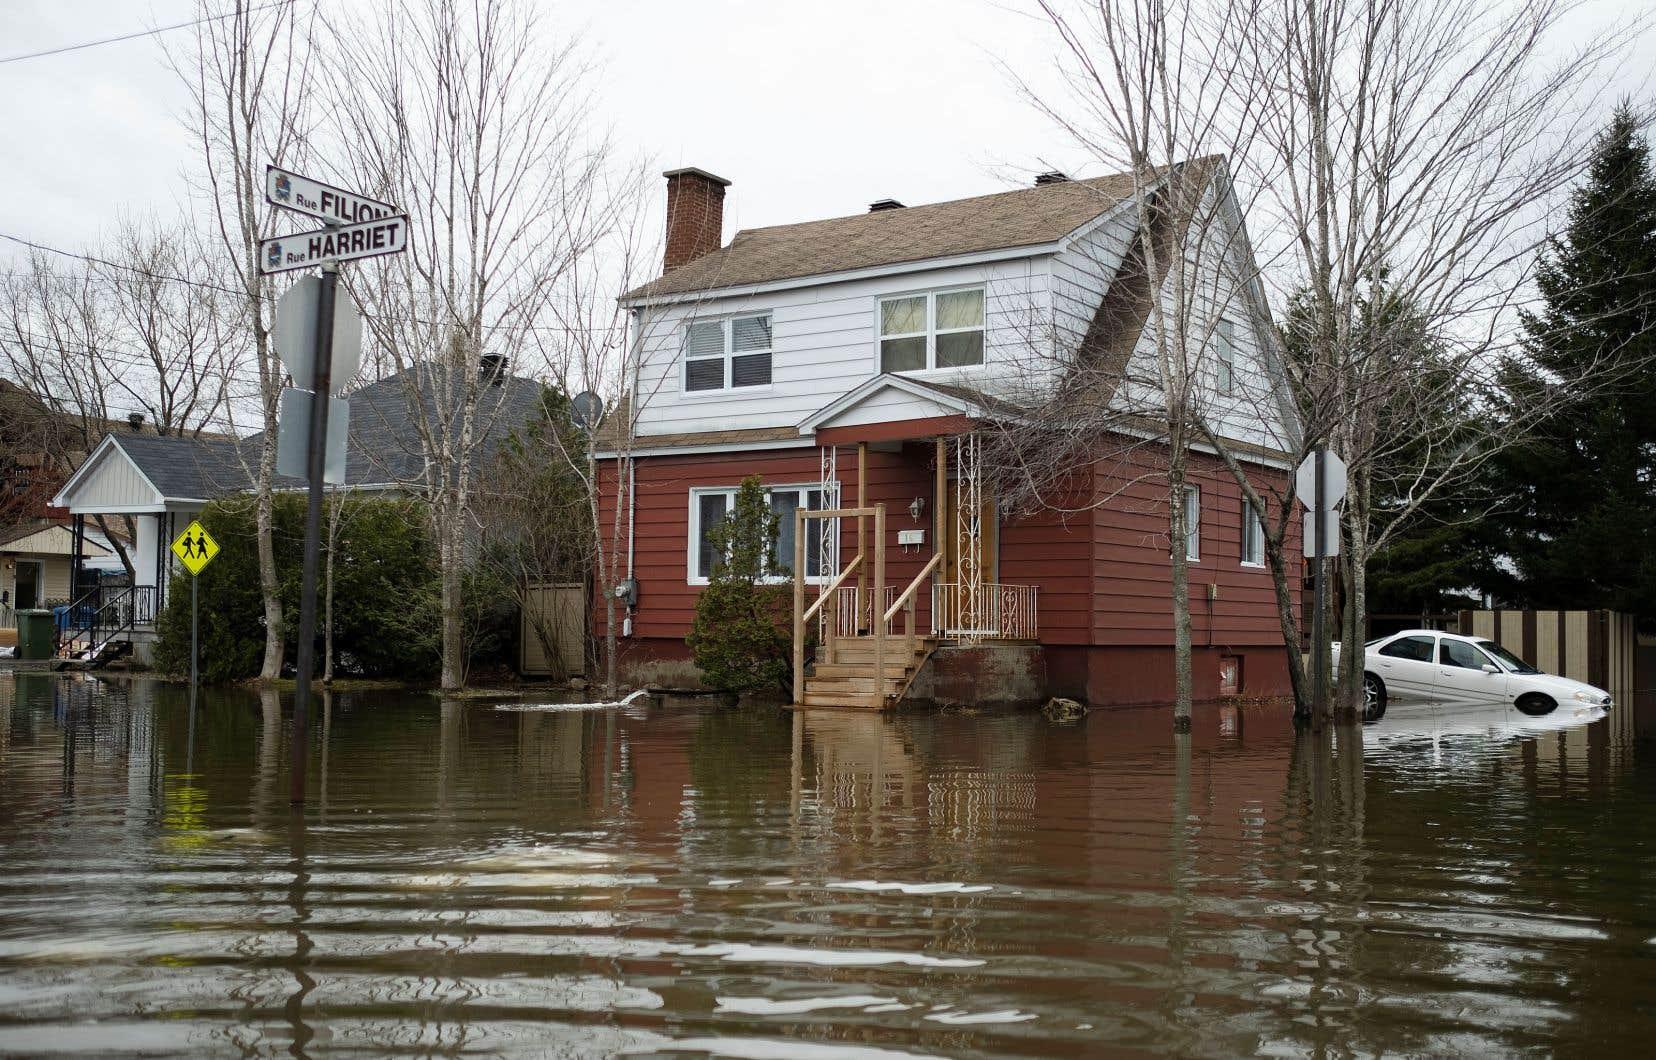 Le Banque du Canada reconnaît que le pays se réchauffe «nettement plus vite que le reste du monde», entraînant des phénomènes météorologiques extrêmes.